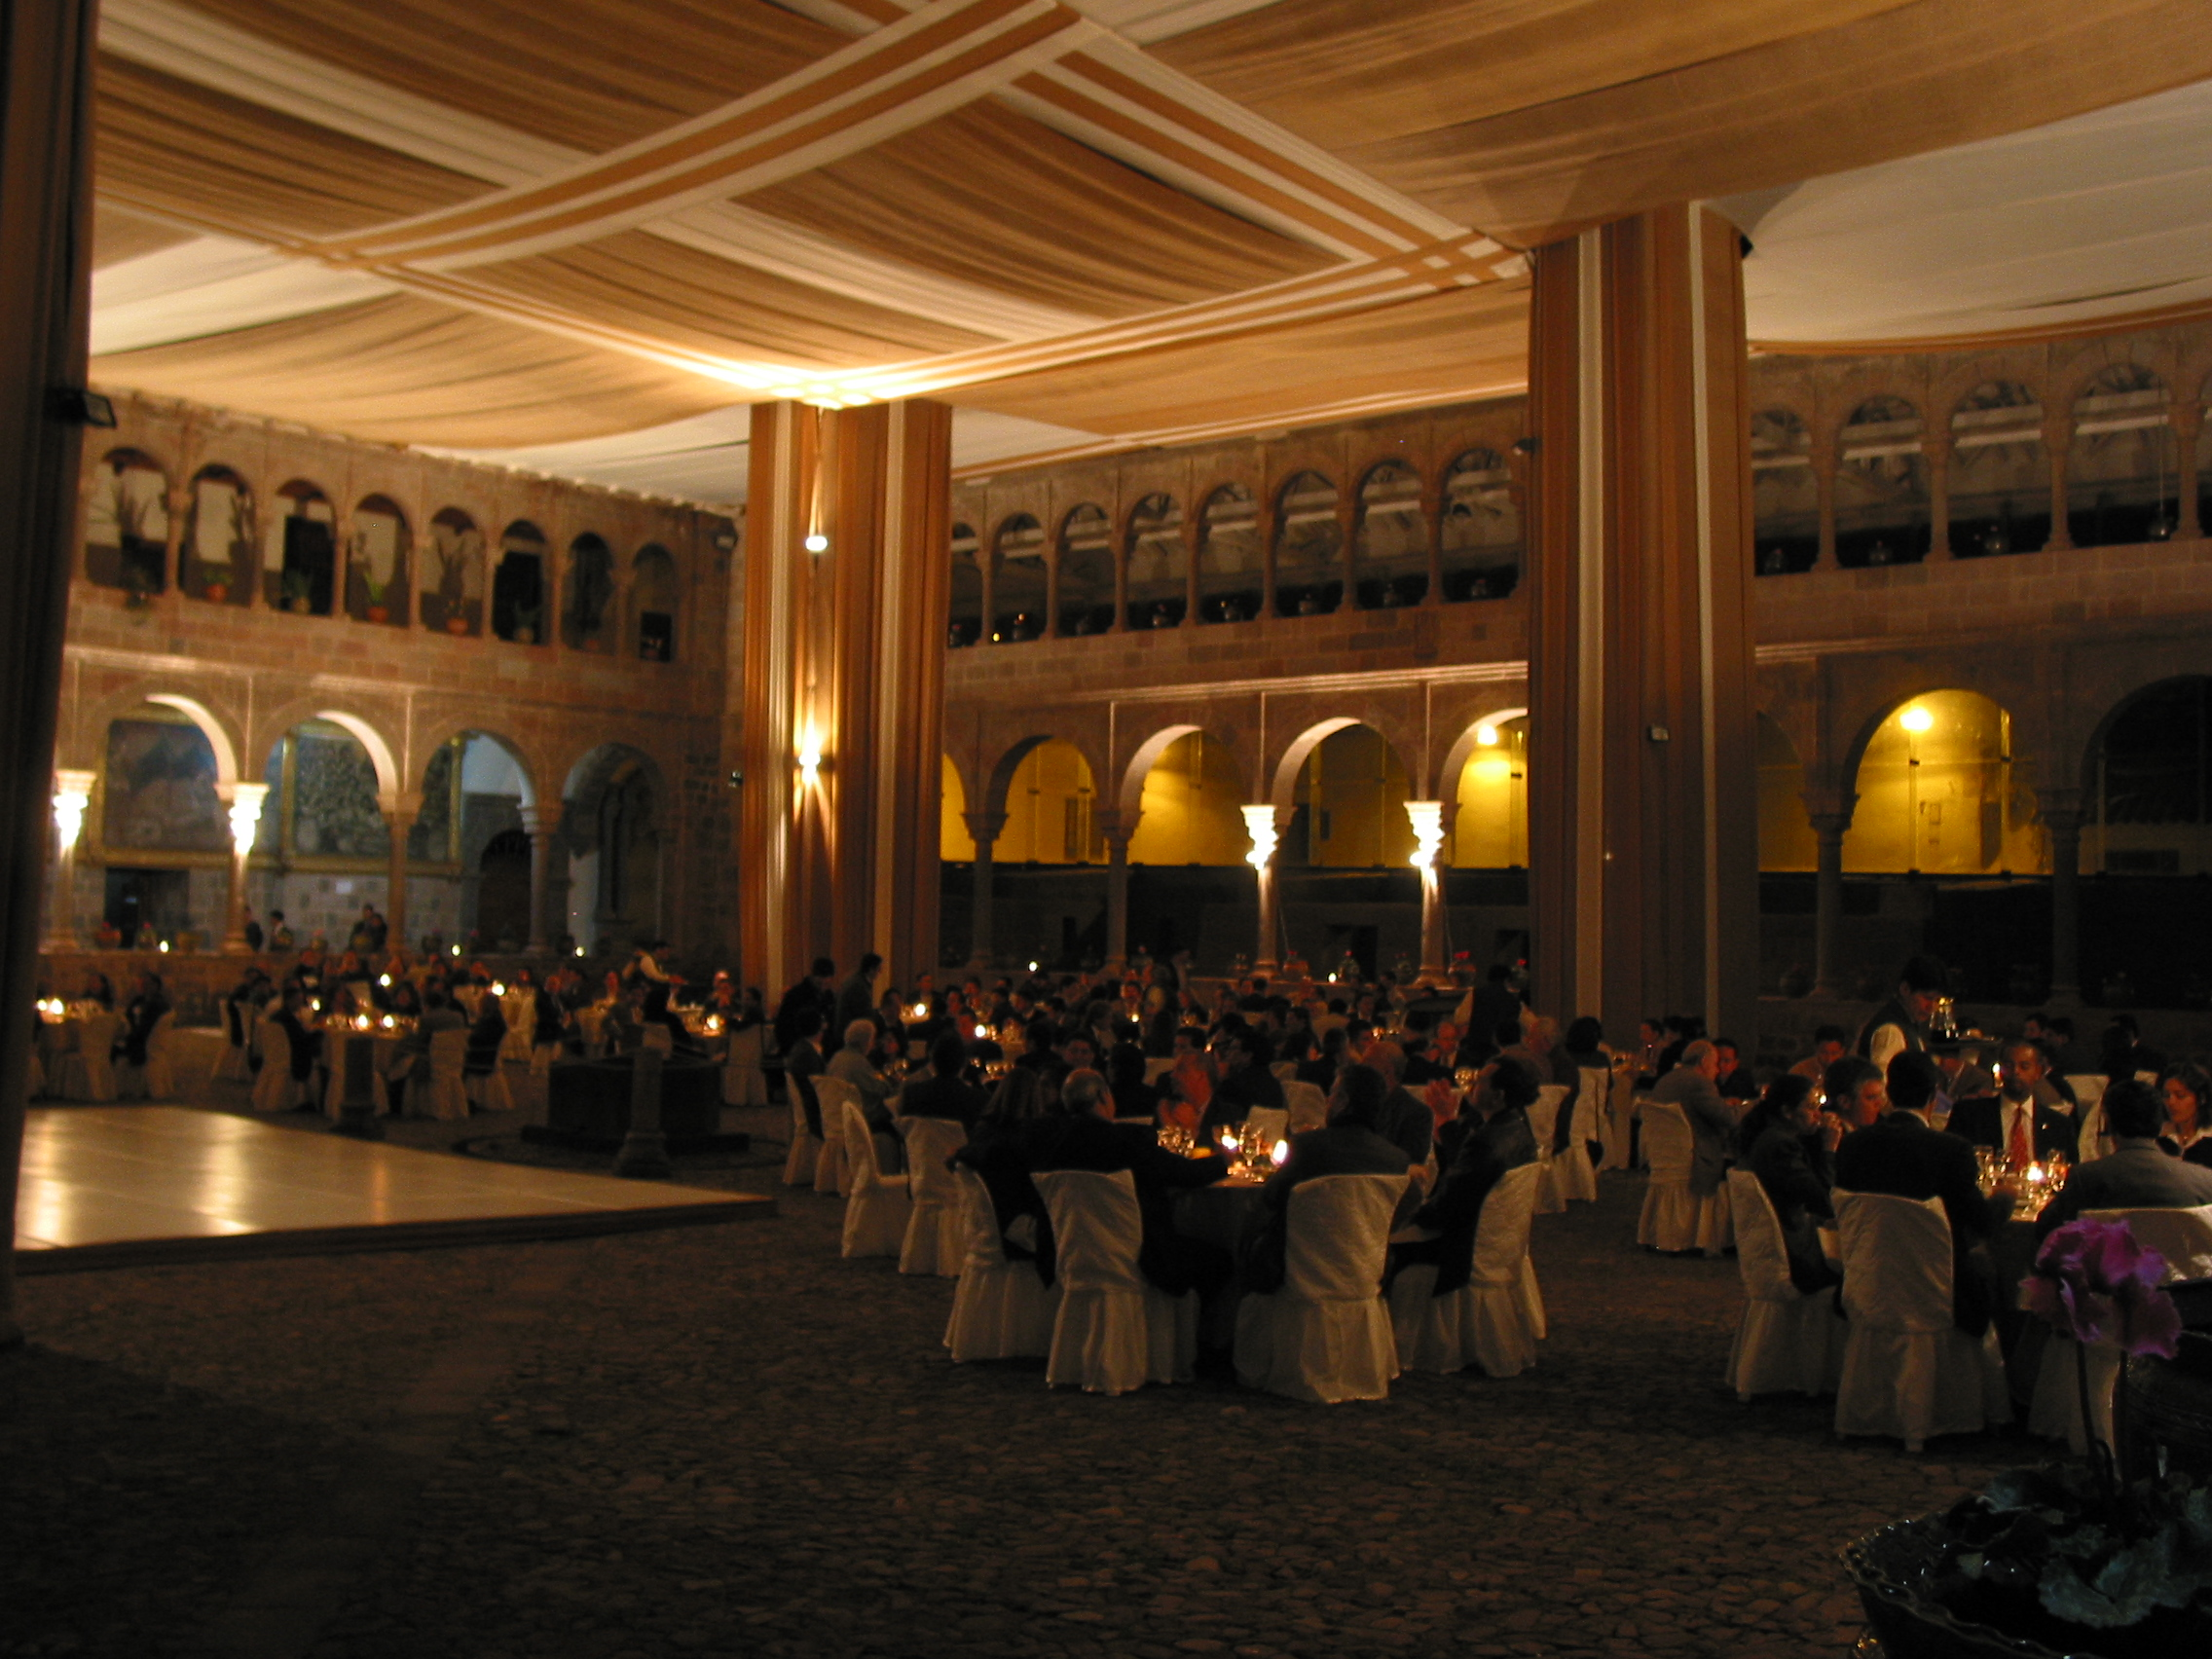 Paris Event design and decors